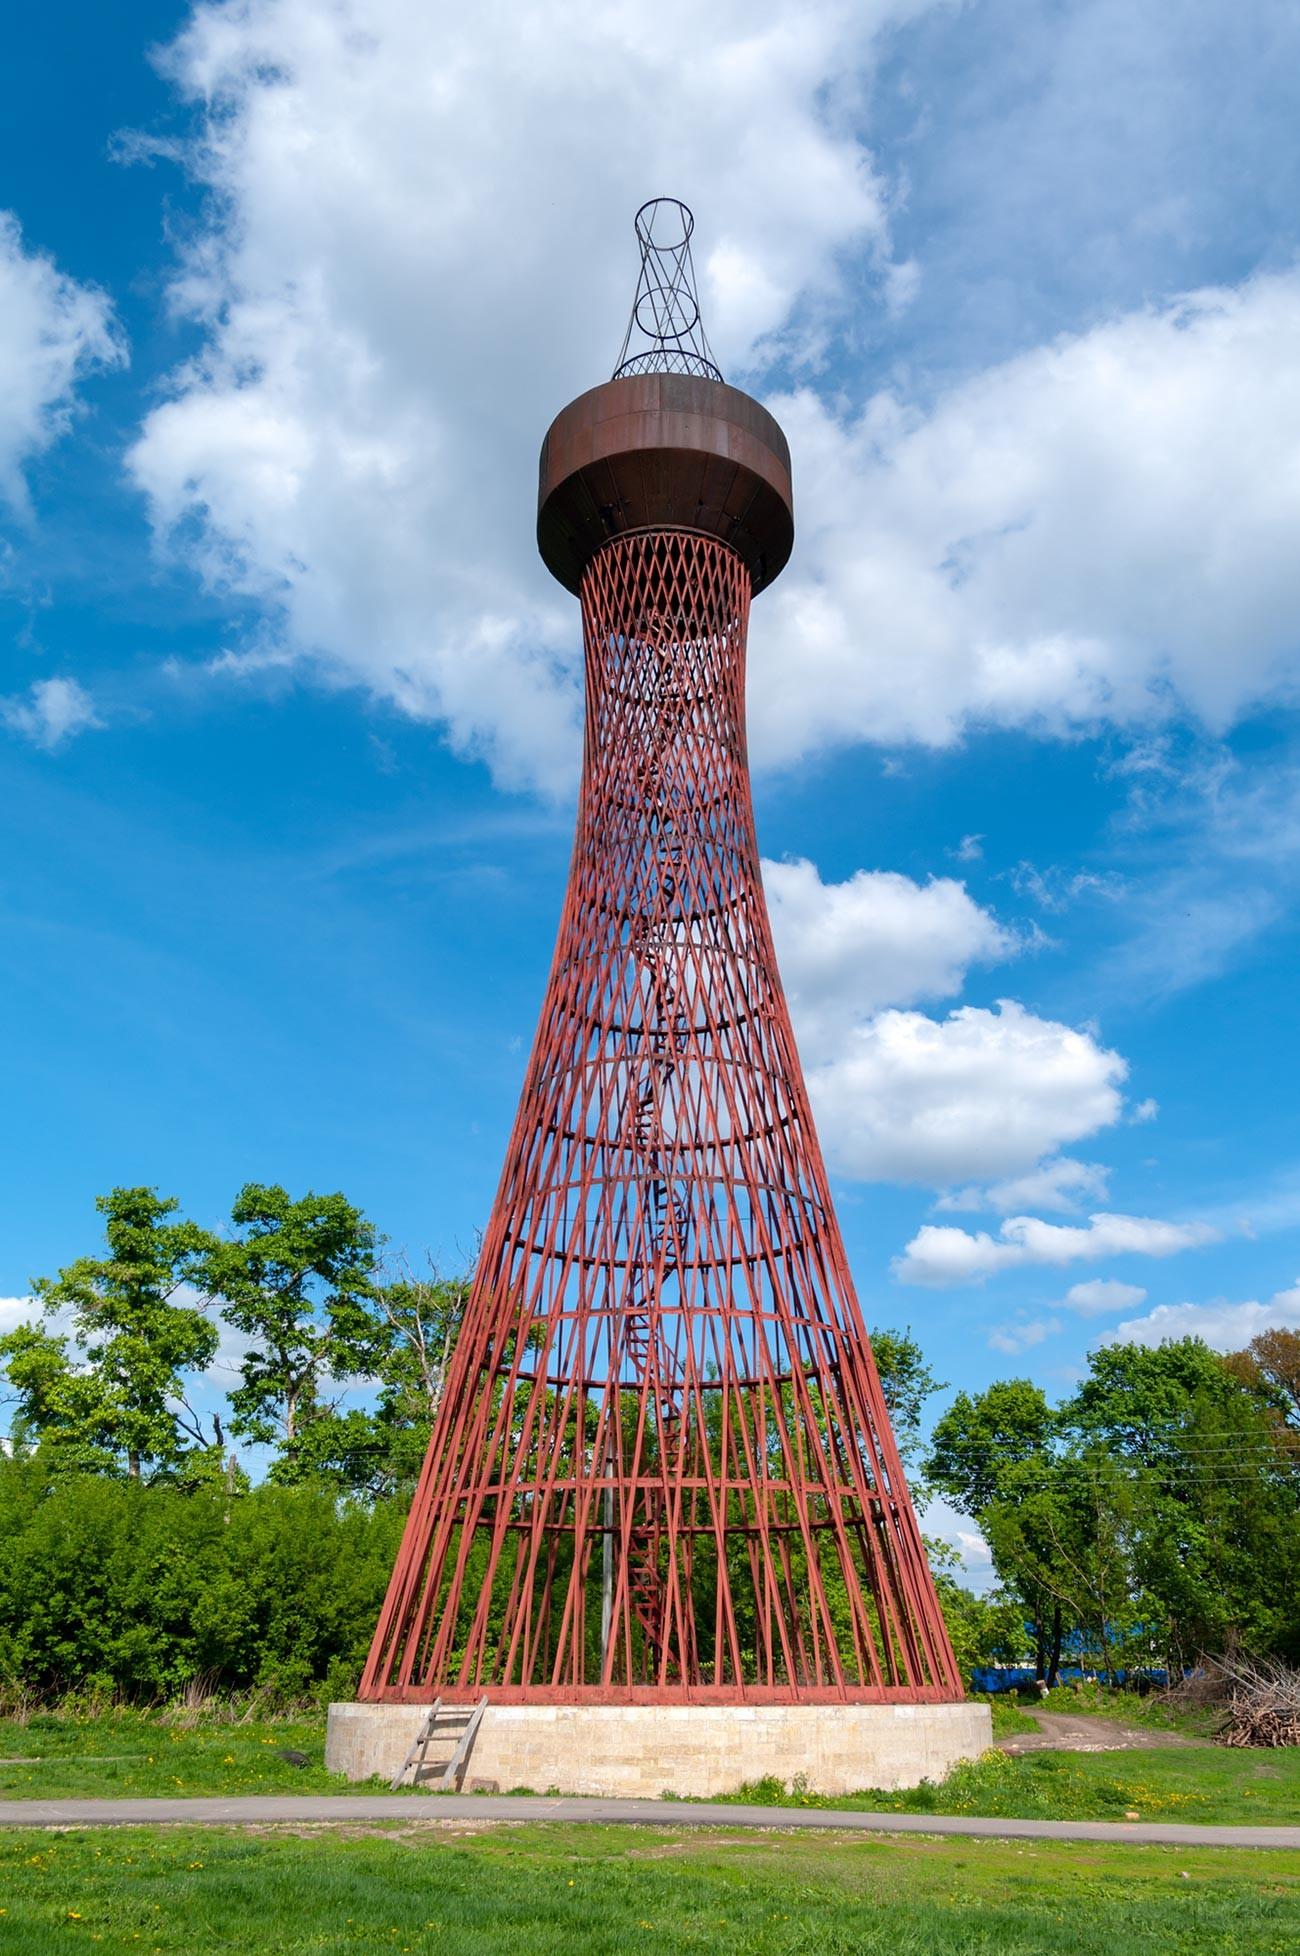 La première tour hyperboloïde de Choukhov à Polibino dans la région de Lipetsk